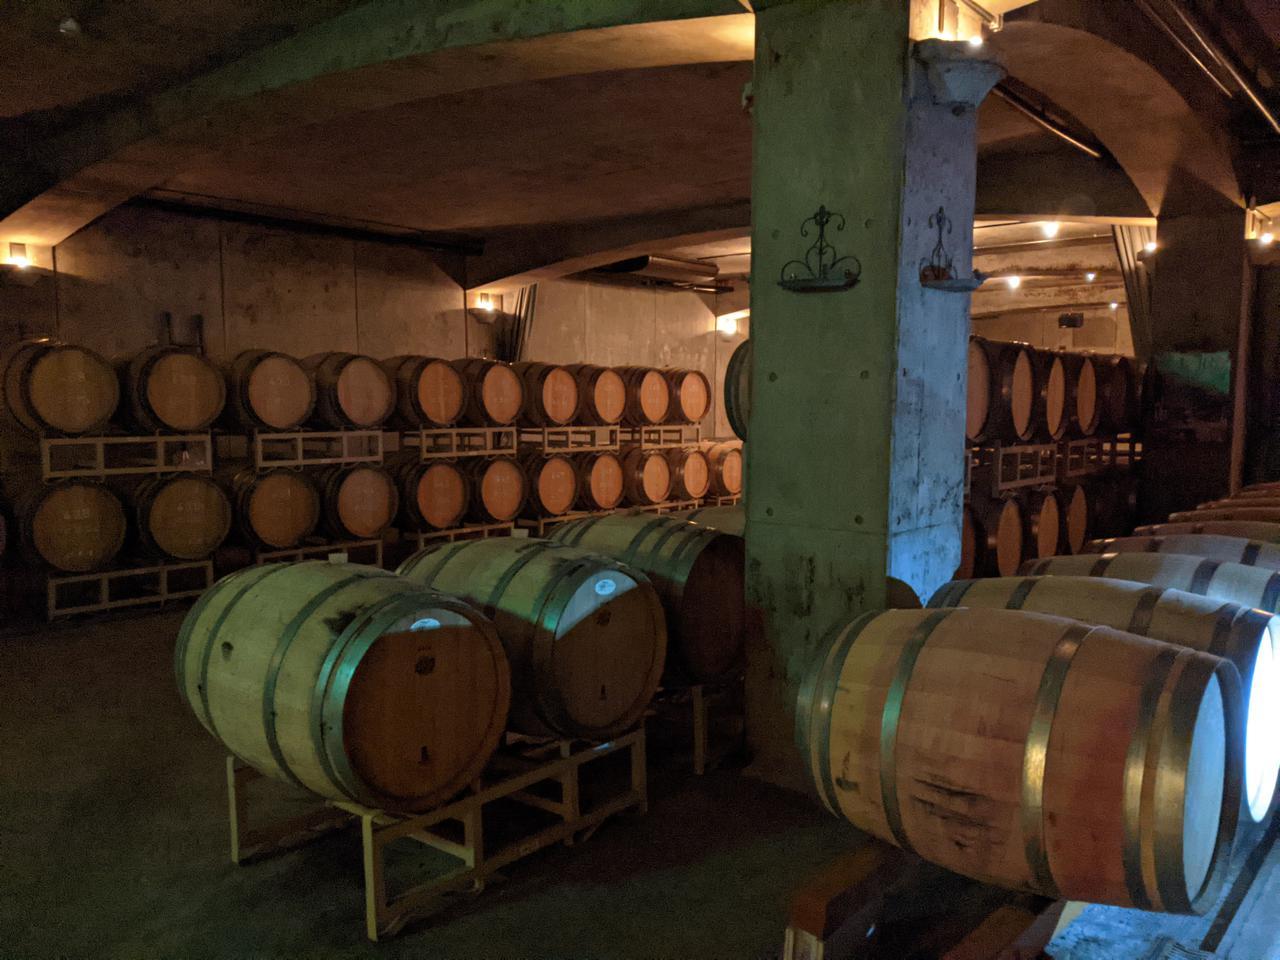 画像: ワインの樽熟庫。サドヤワイナリーは、ぶとう寺の善光寺から、苗を譲って貰ったのが始まりなんだとか!(サドヤワイナリー。スタッフ撮影)